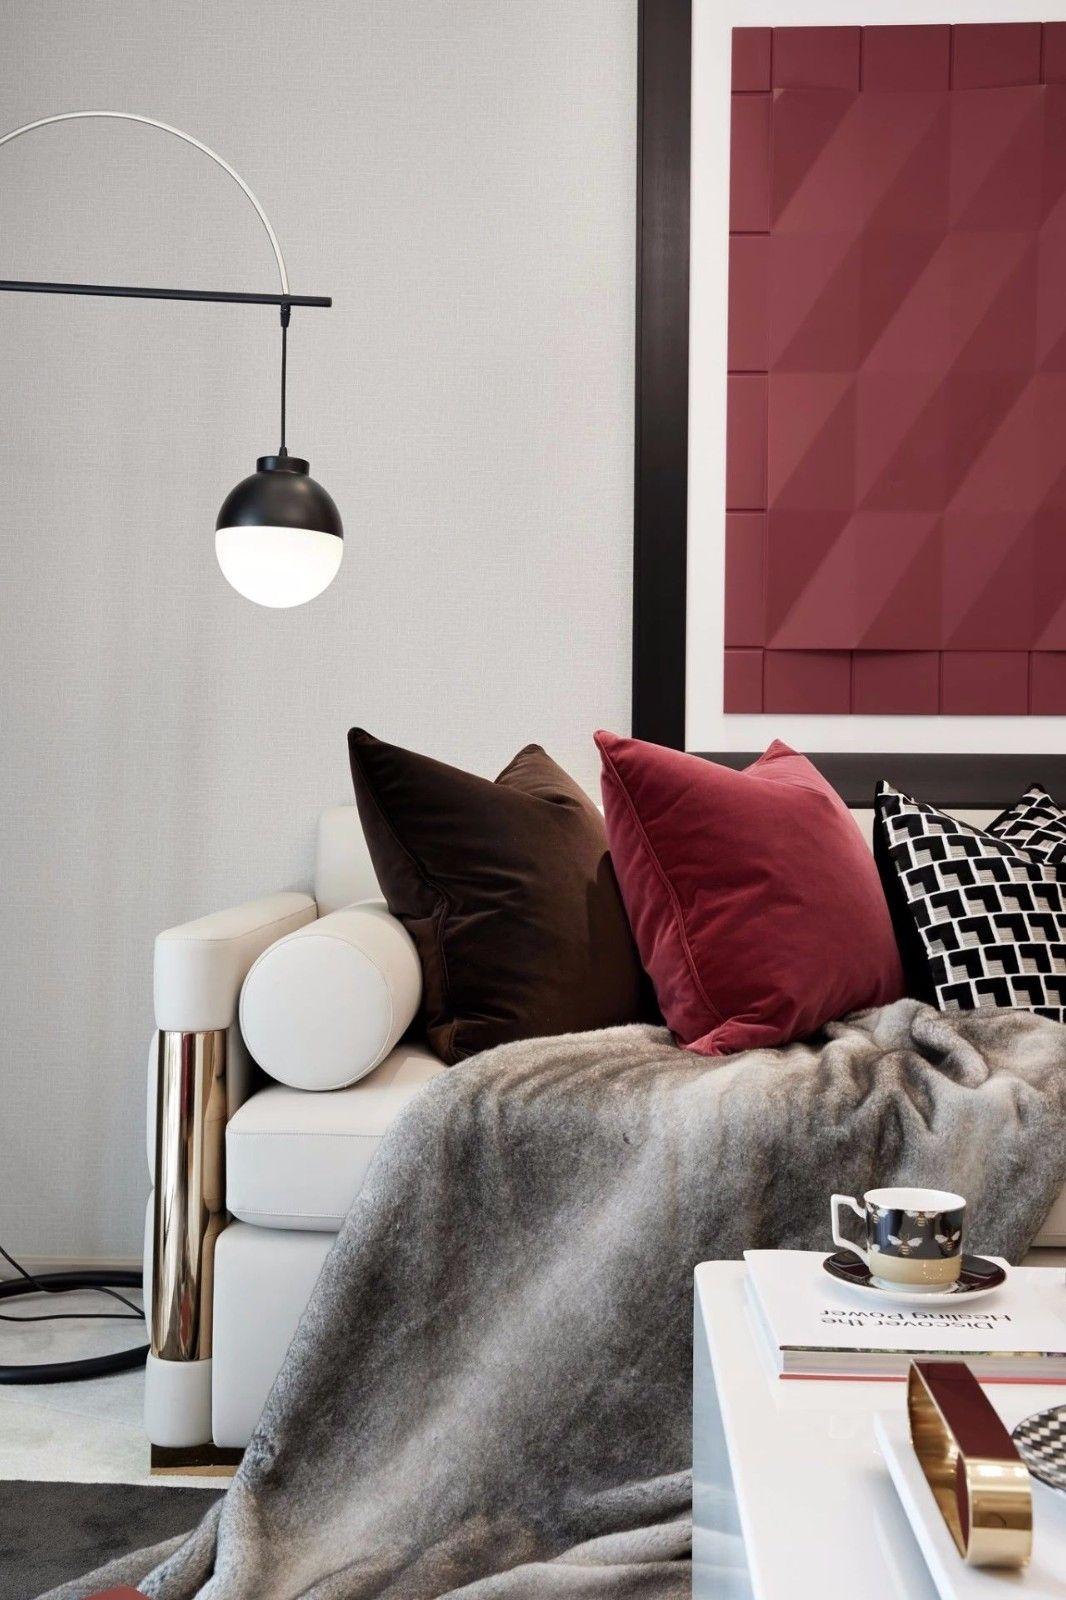 ''红梨色''点缀的奢丽雅致住宅丨这是一场以取悦自我为主题的视觉盛宴 D.DECOR DESIGN - 8